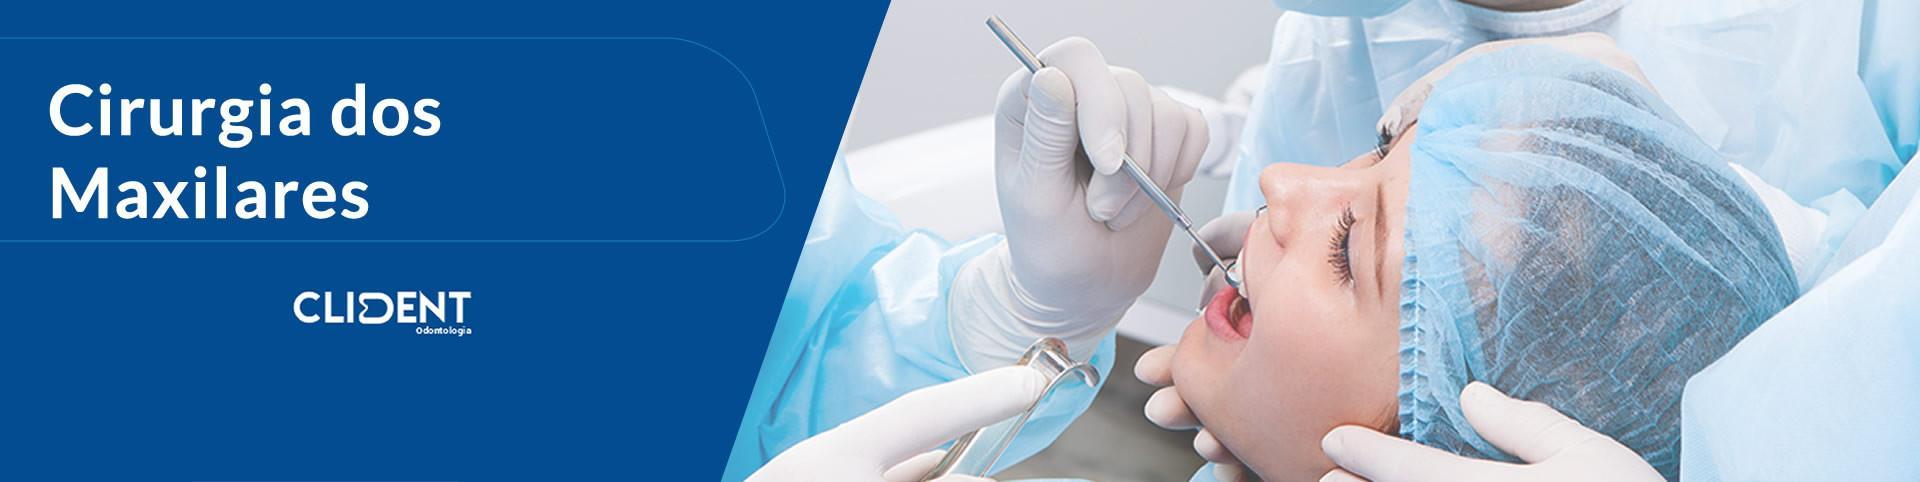 Cirurgia dos Maxilares